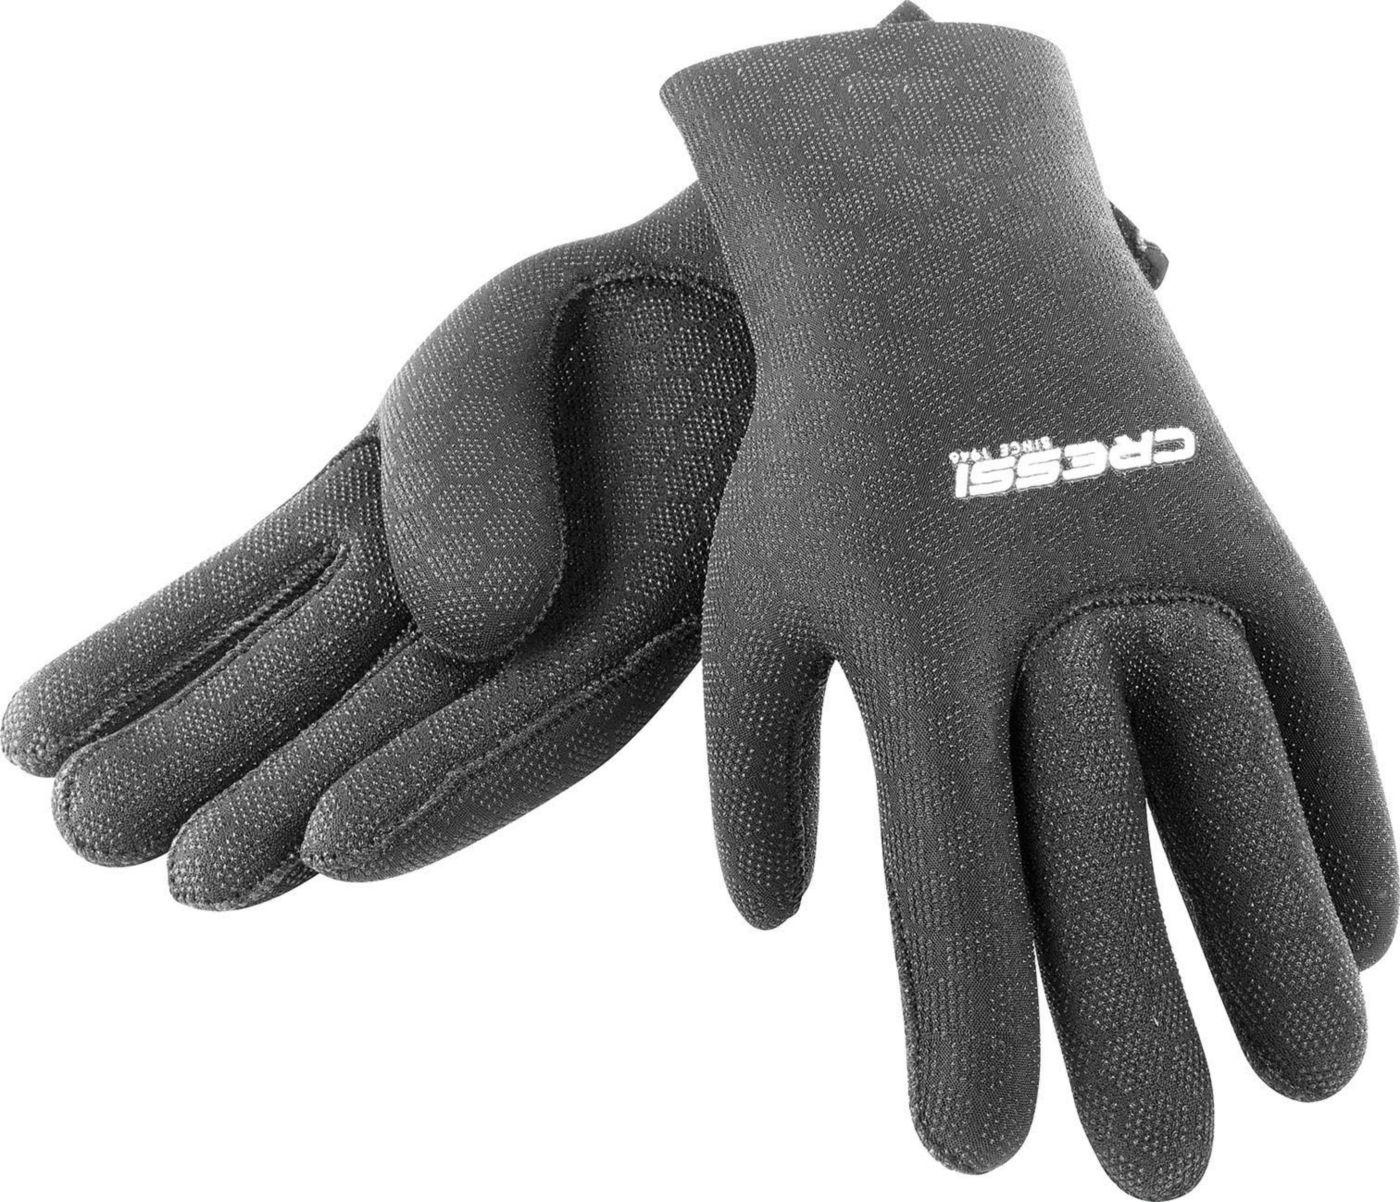 Cressi 5 mm High Stretch Snorkel & Scuba Gloves